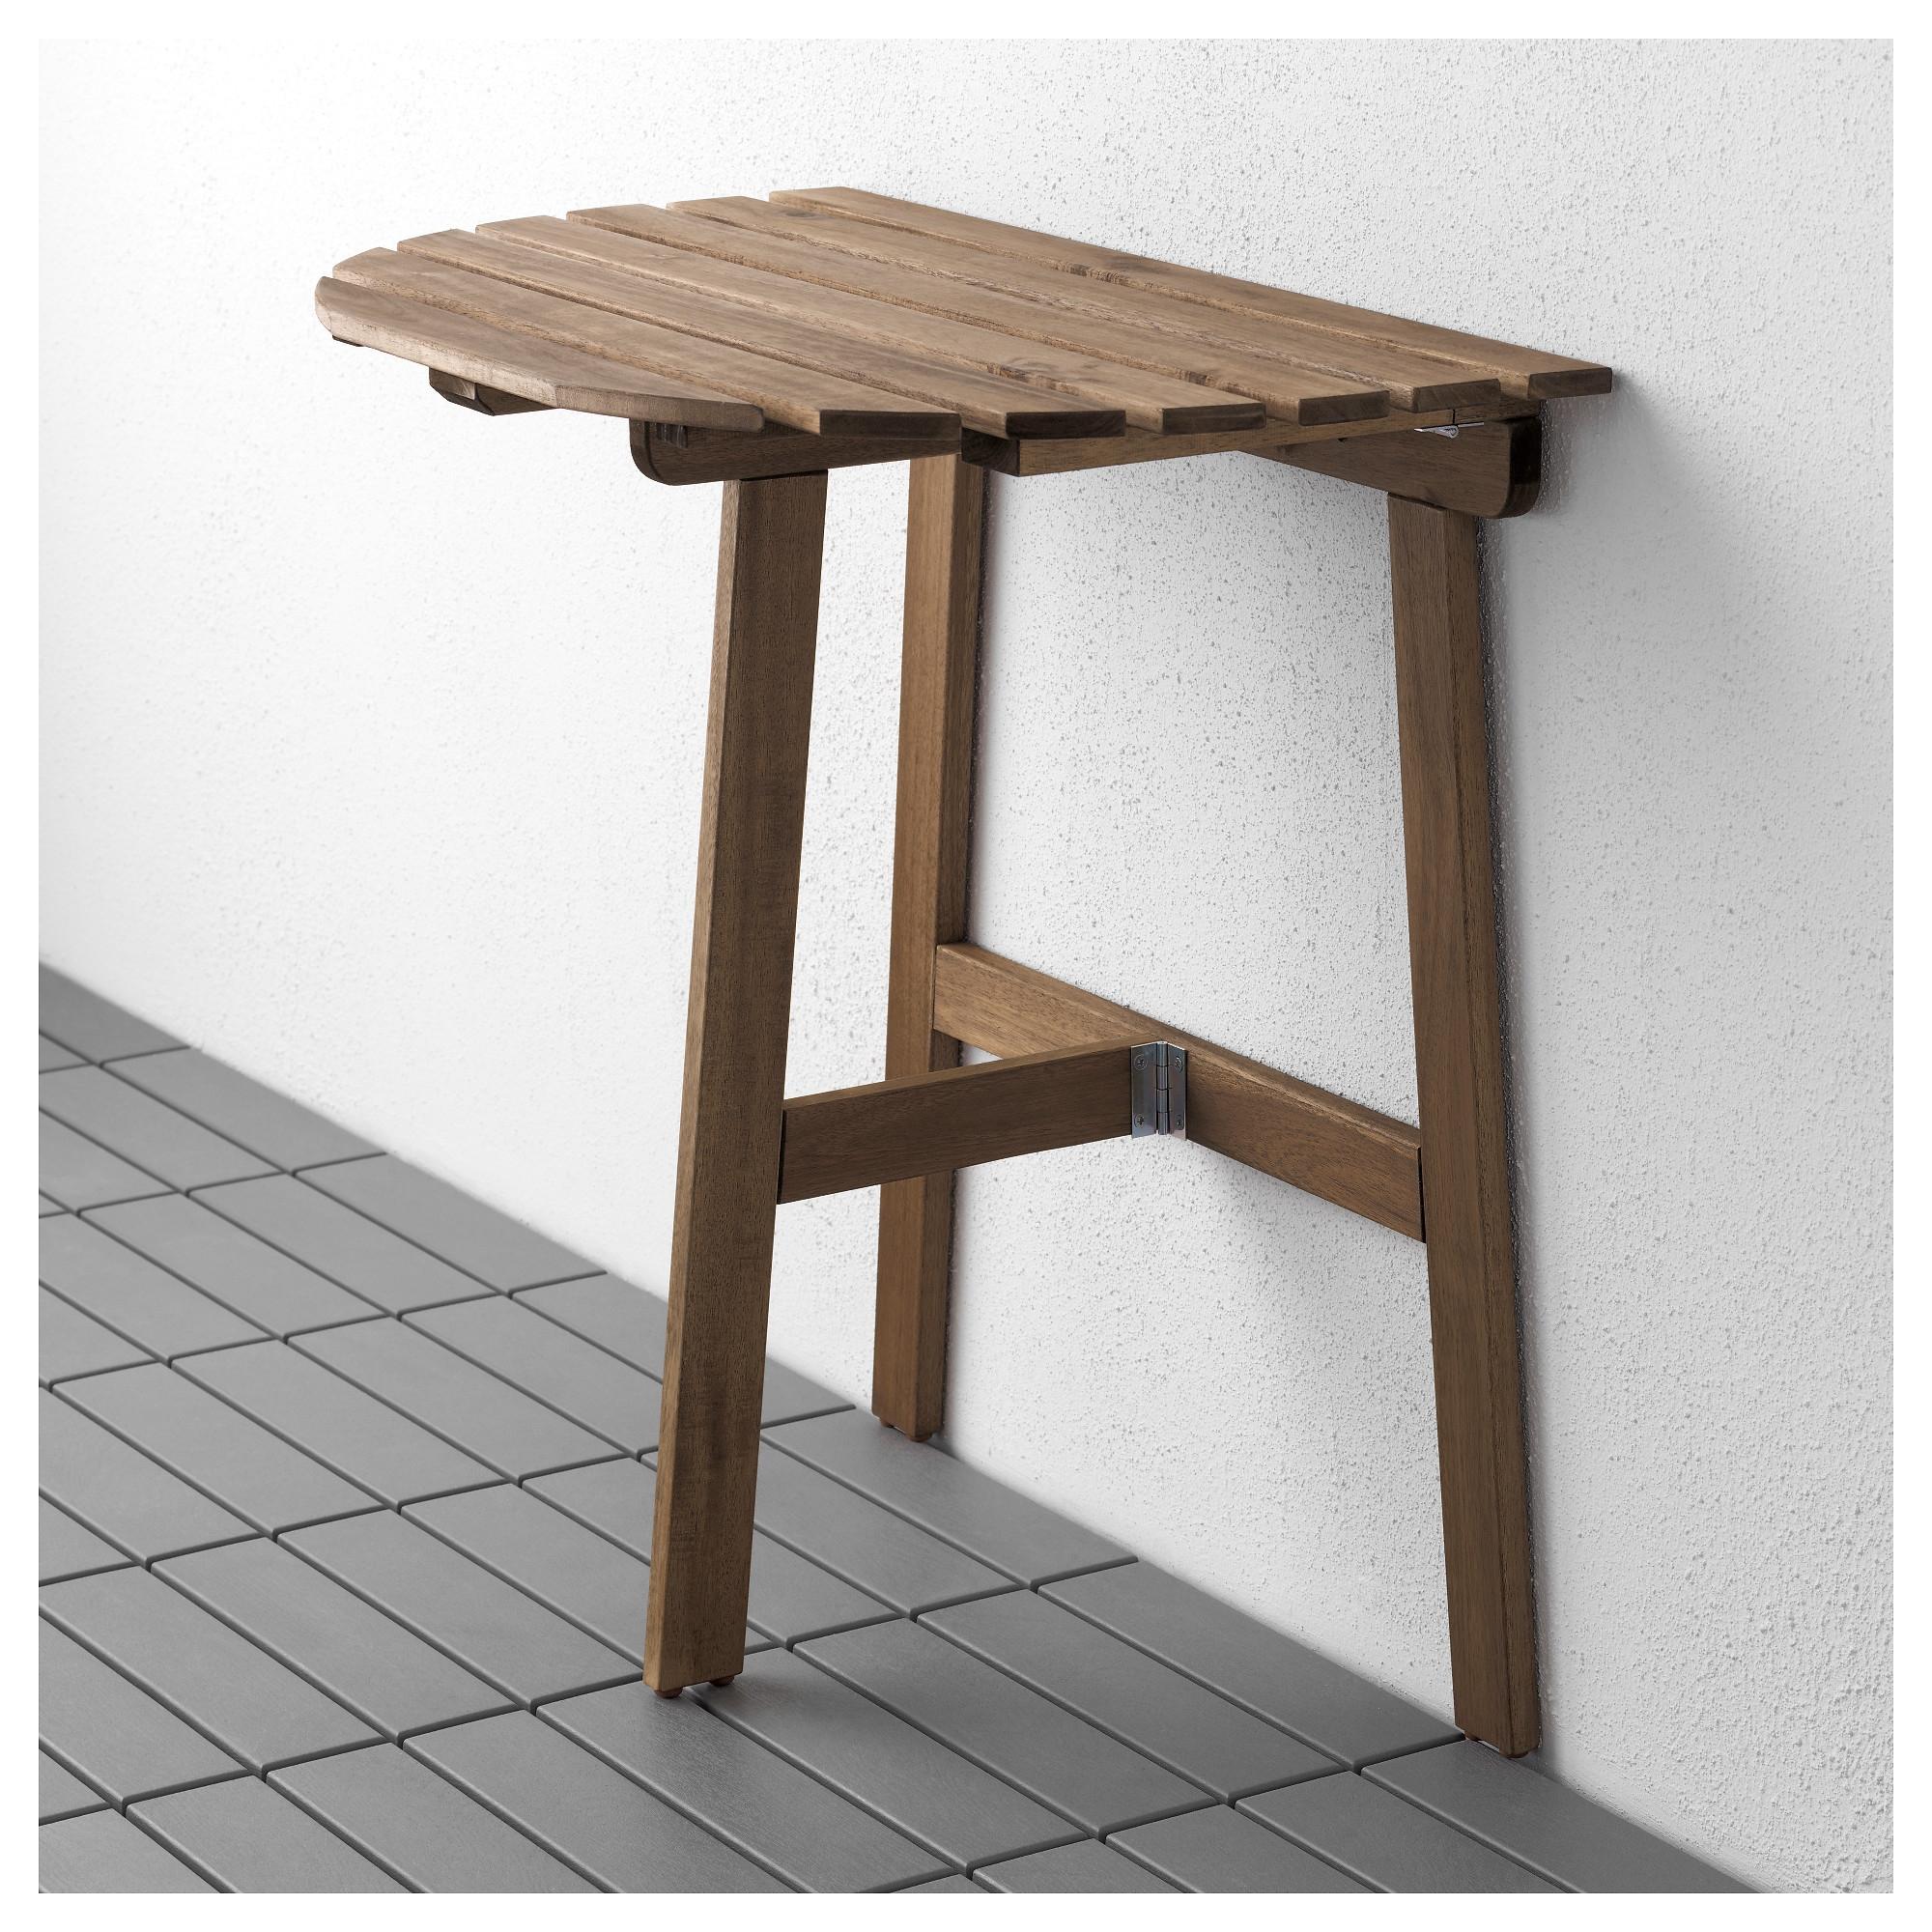 Пристенный стол, садовый, складной серо-коричневая морилка -.